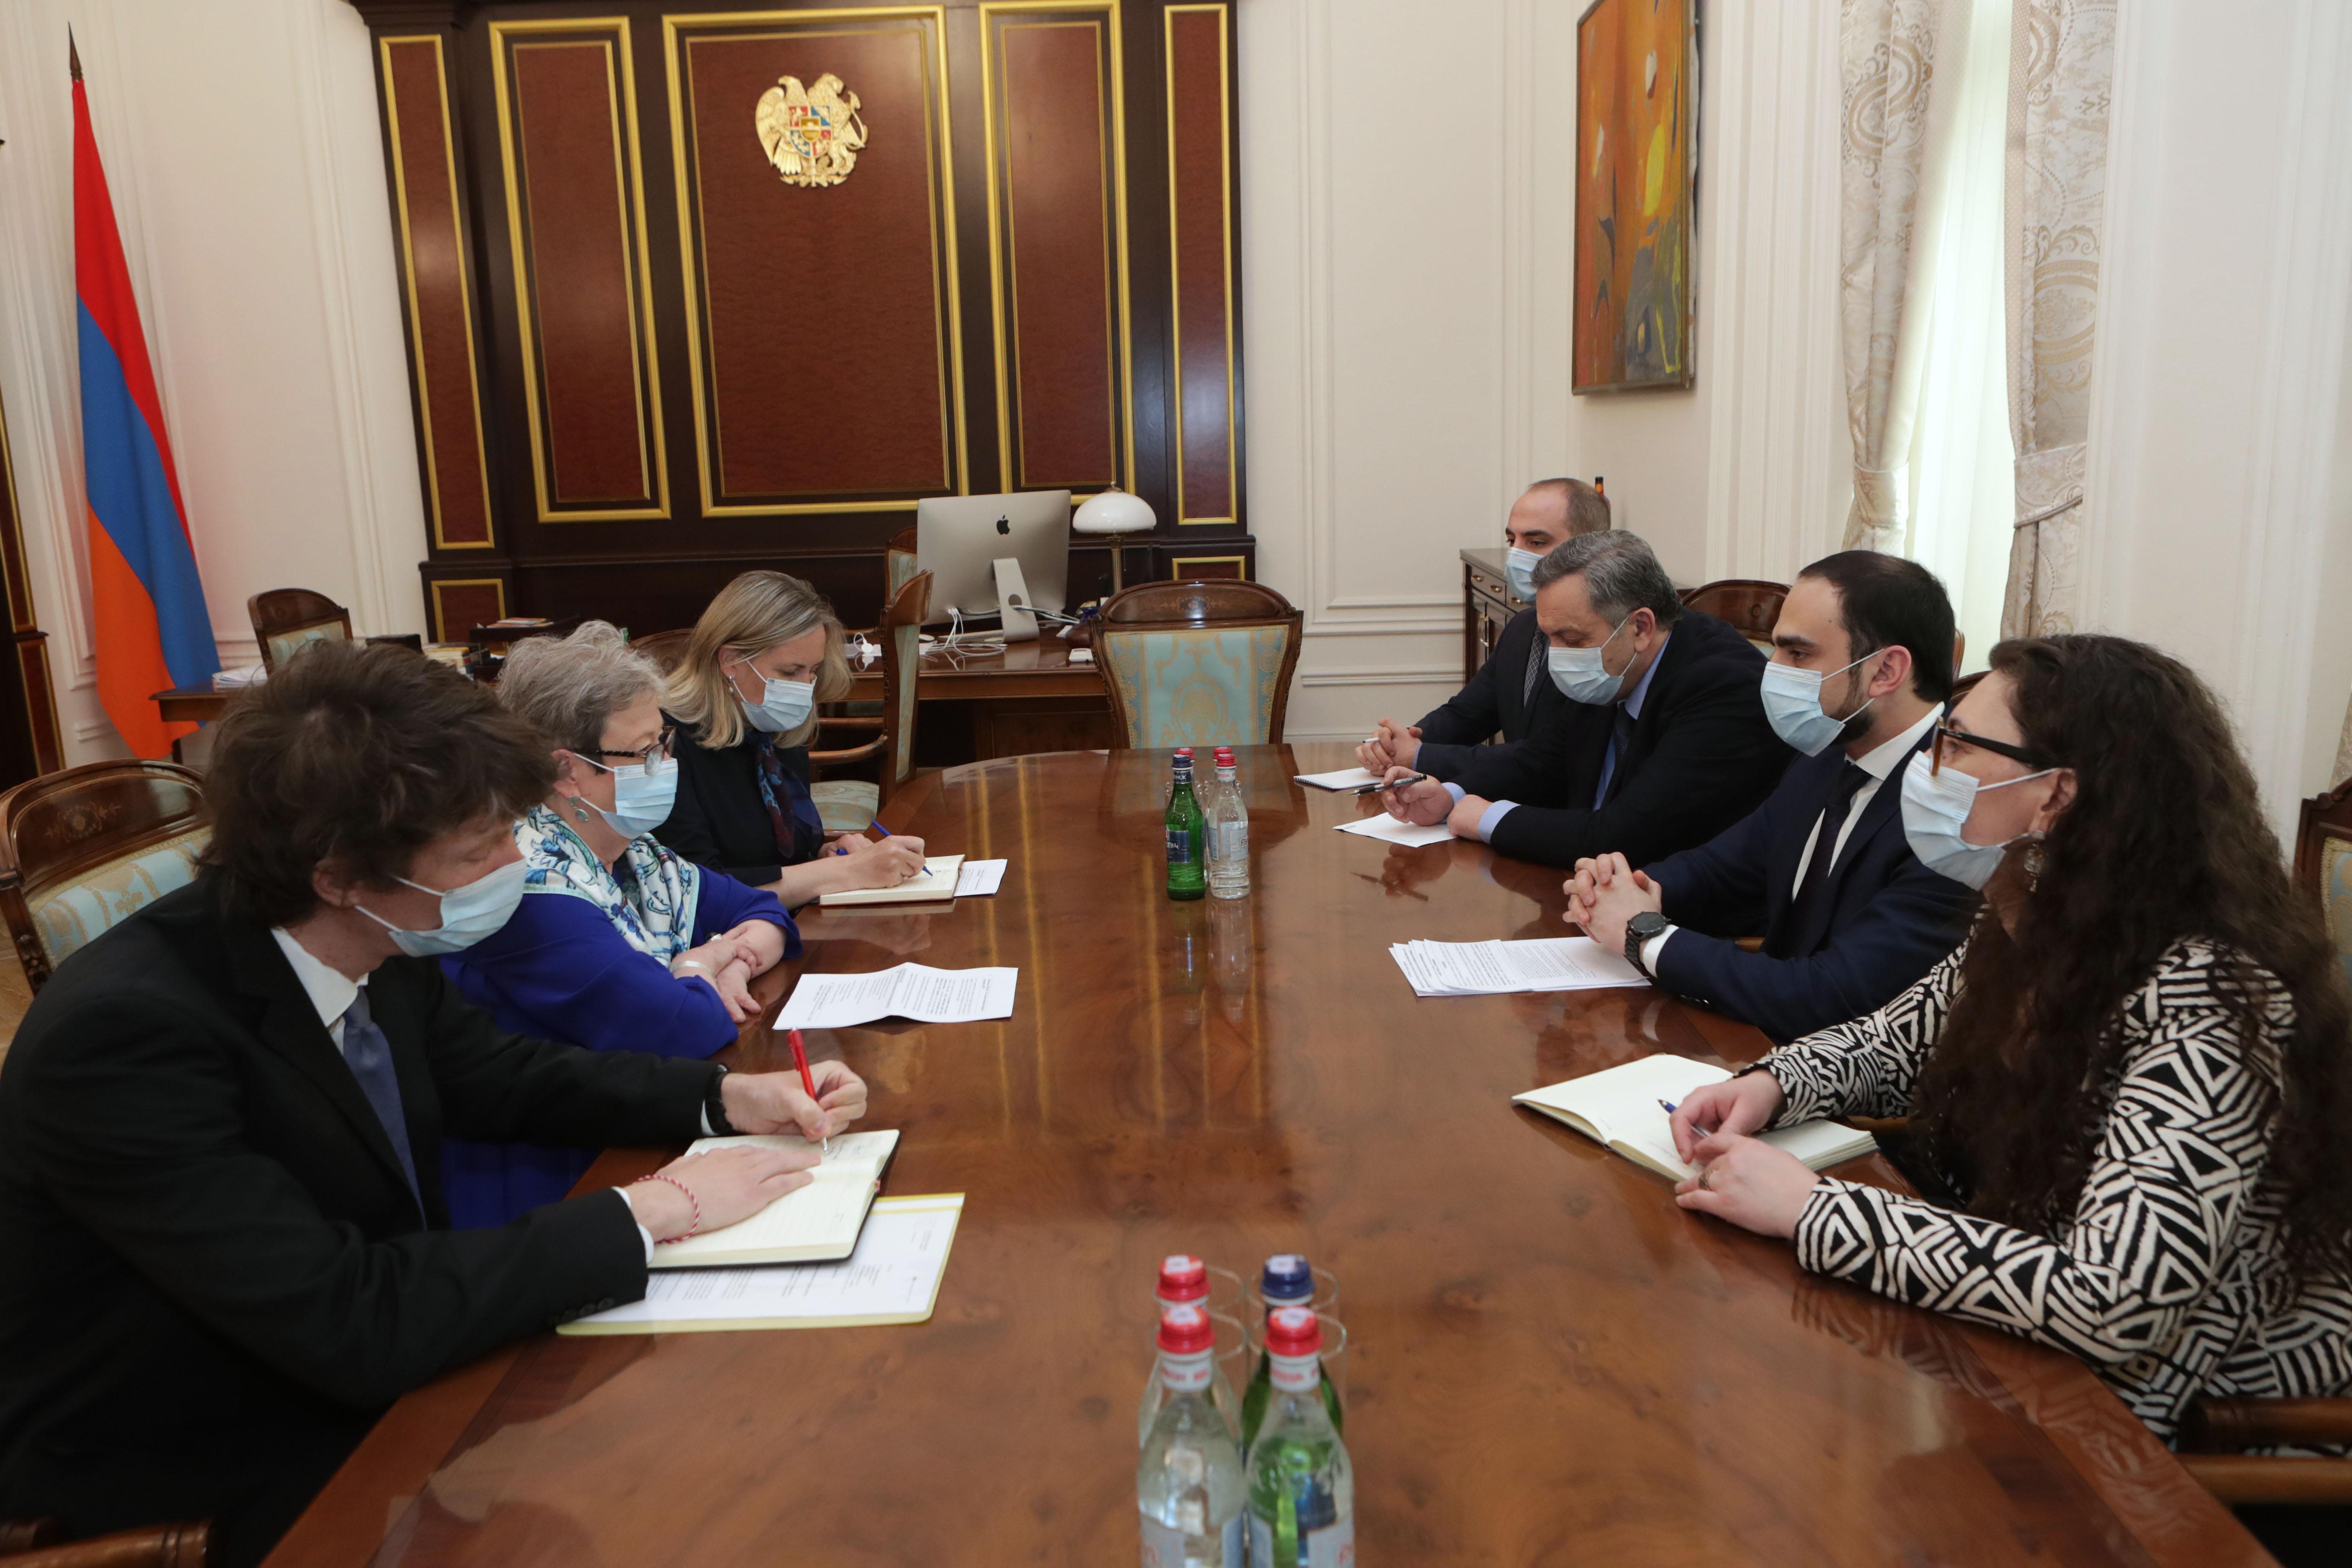 Photo of Փոխվարչապետ Տիգրան Ավինյանն ընդունել է ԵՄ պատվիրակության ղեկավարին